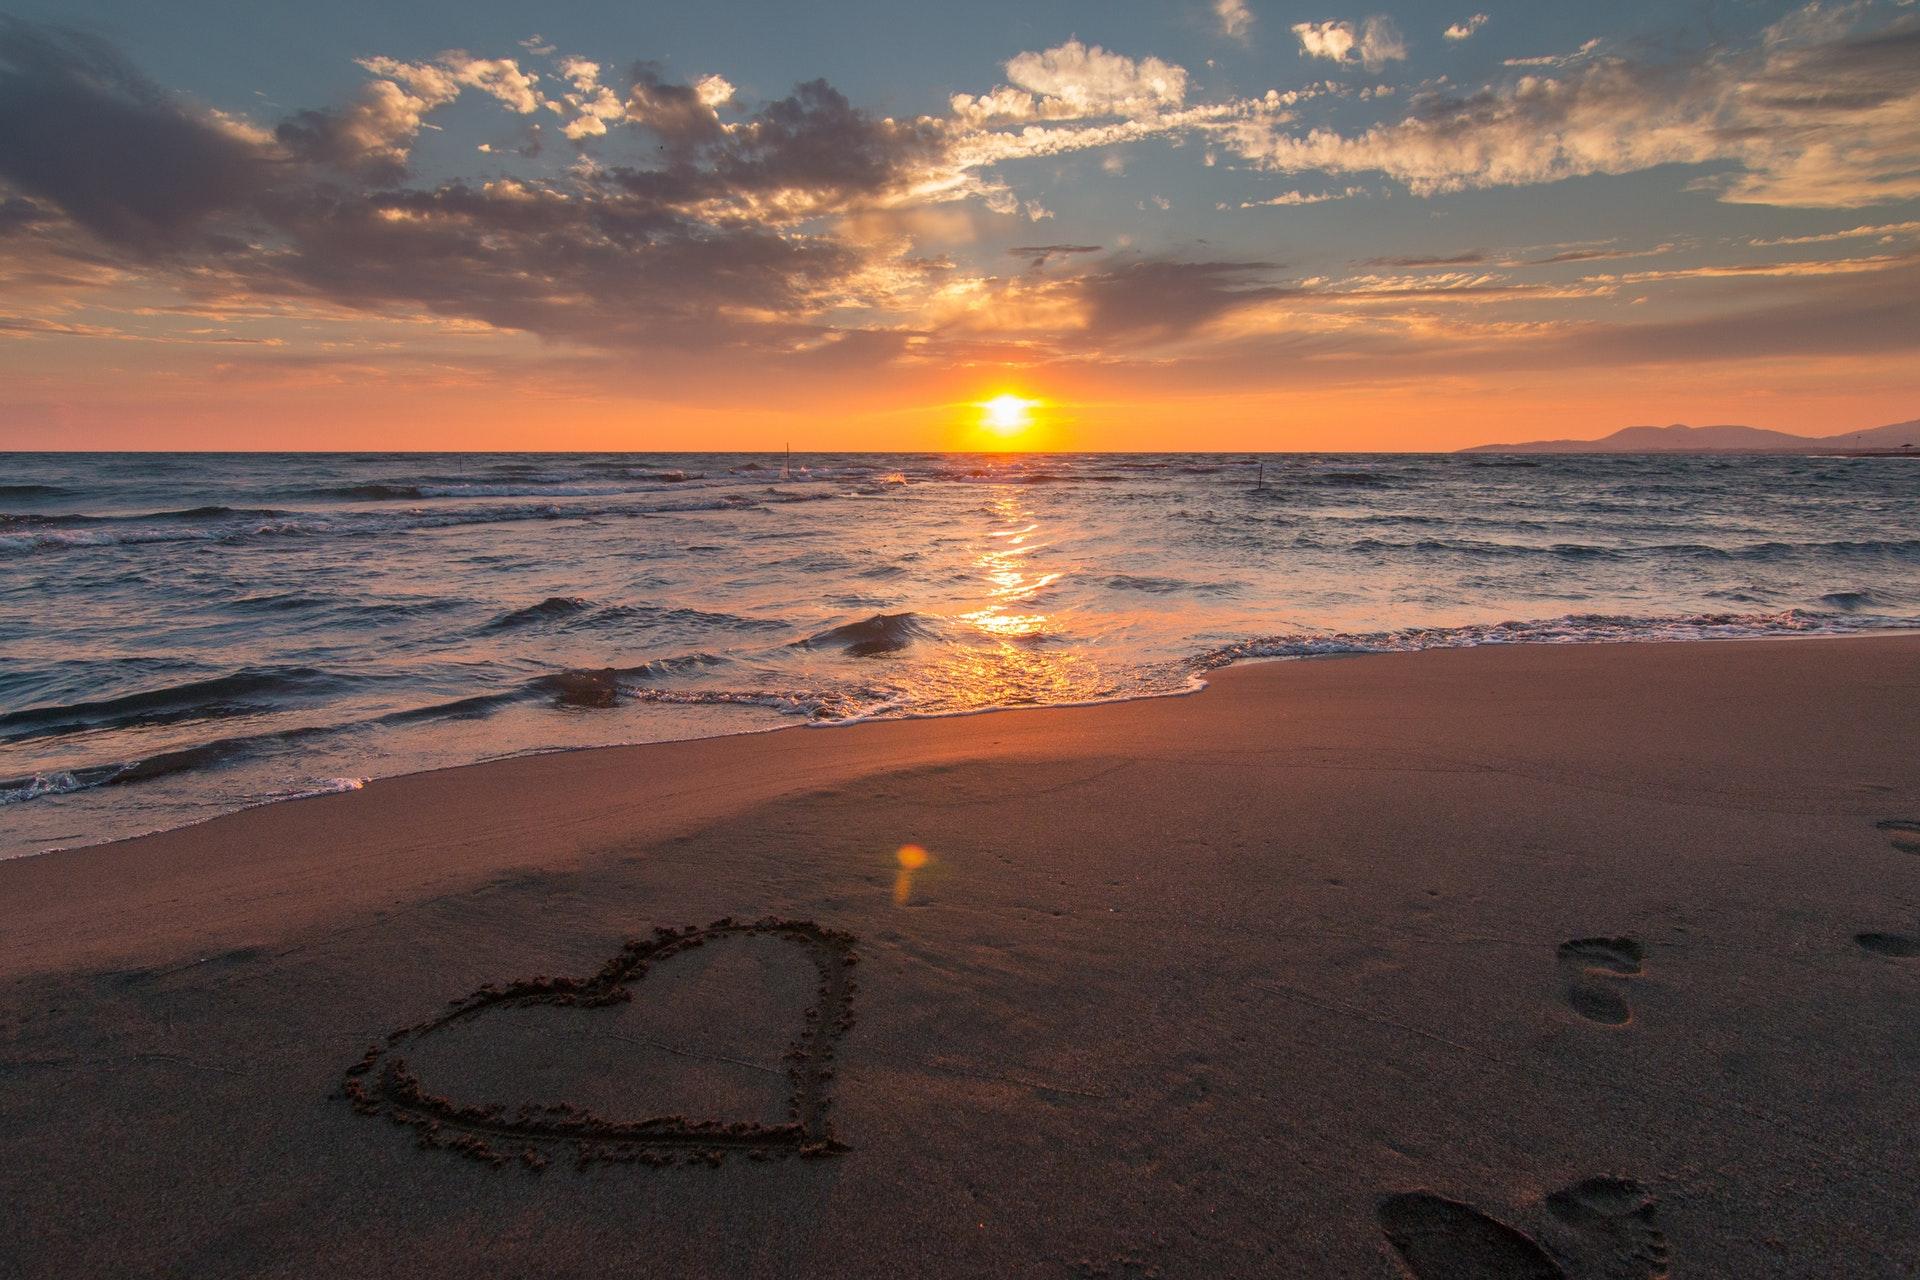 Poziom serotoniny w początkowej fazie miłości spada, co powoduje obsesyjne myślenie o partnerze (fot. pexels.com)